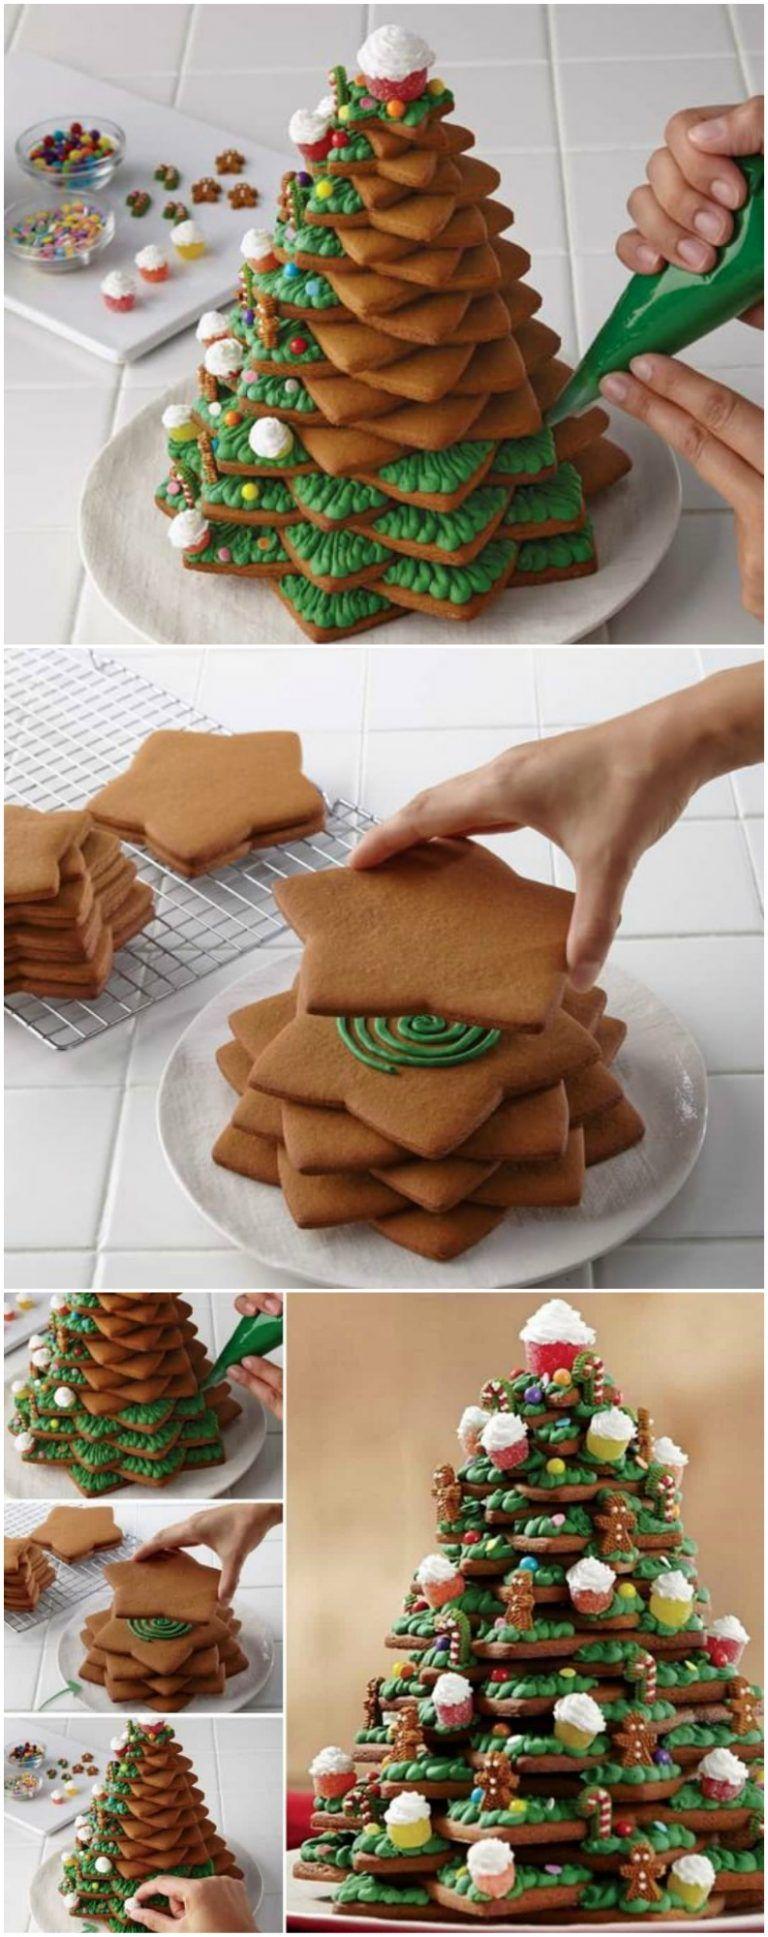 Wie Man Einen Erstaunlichen 3D Cookie Weihnachtsbaum Macht - Gesundes Essen #christmasbakingideas